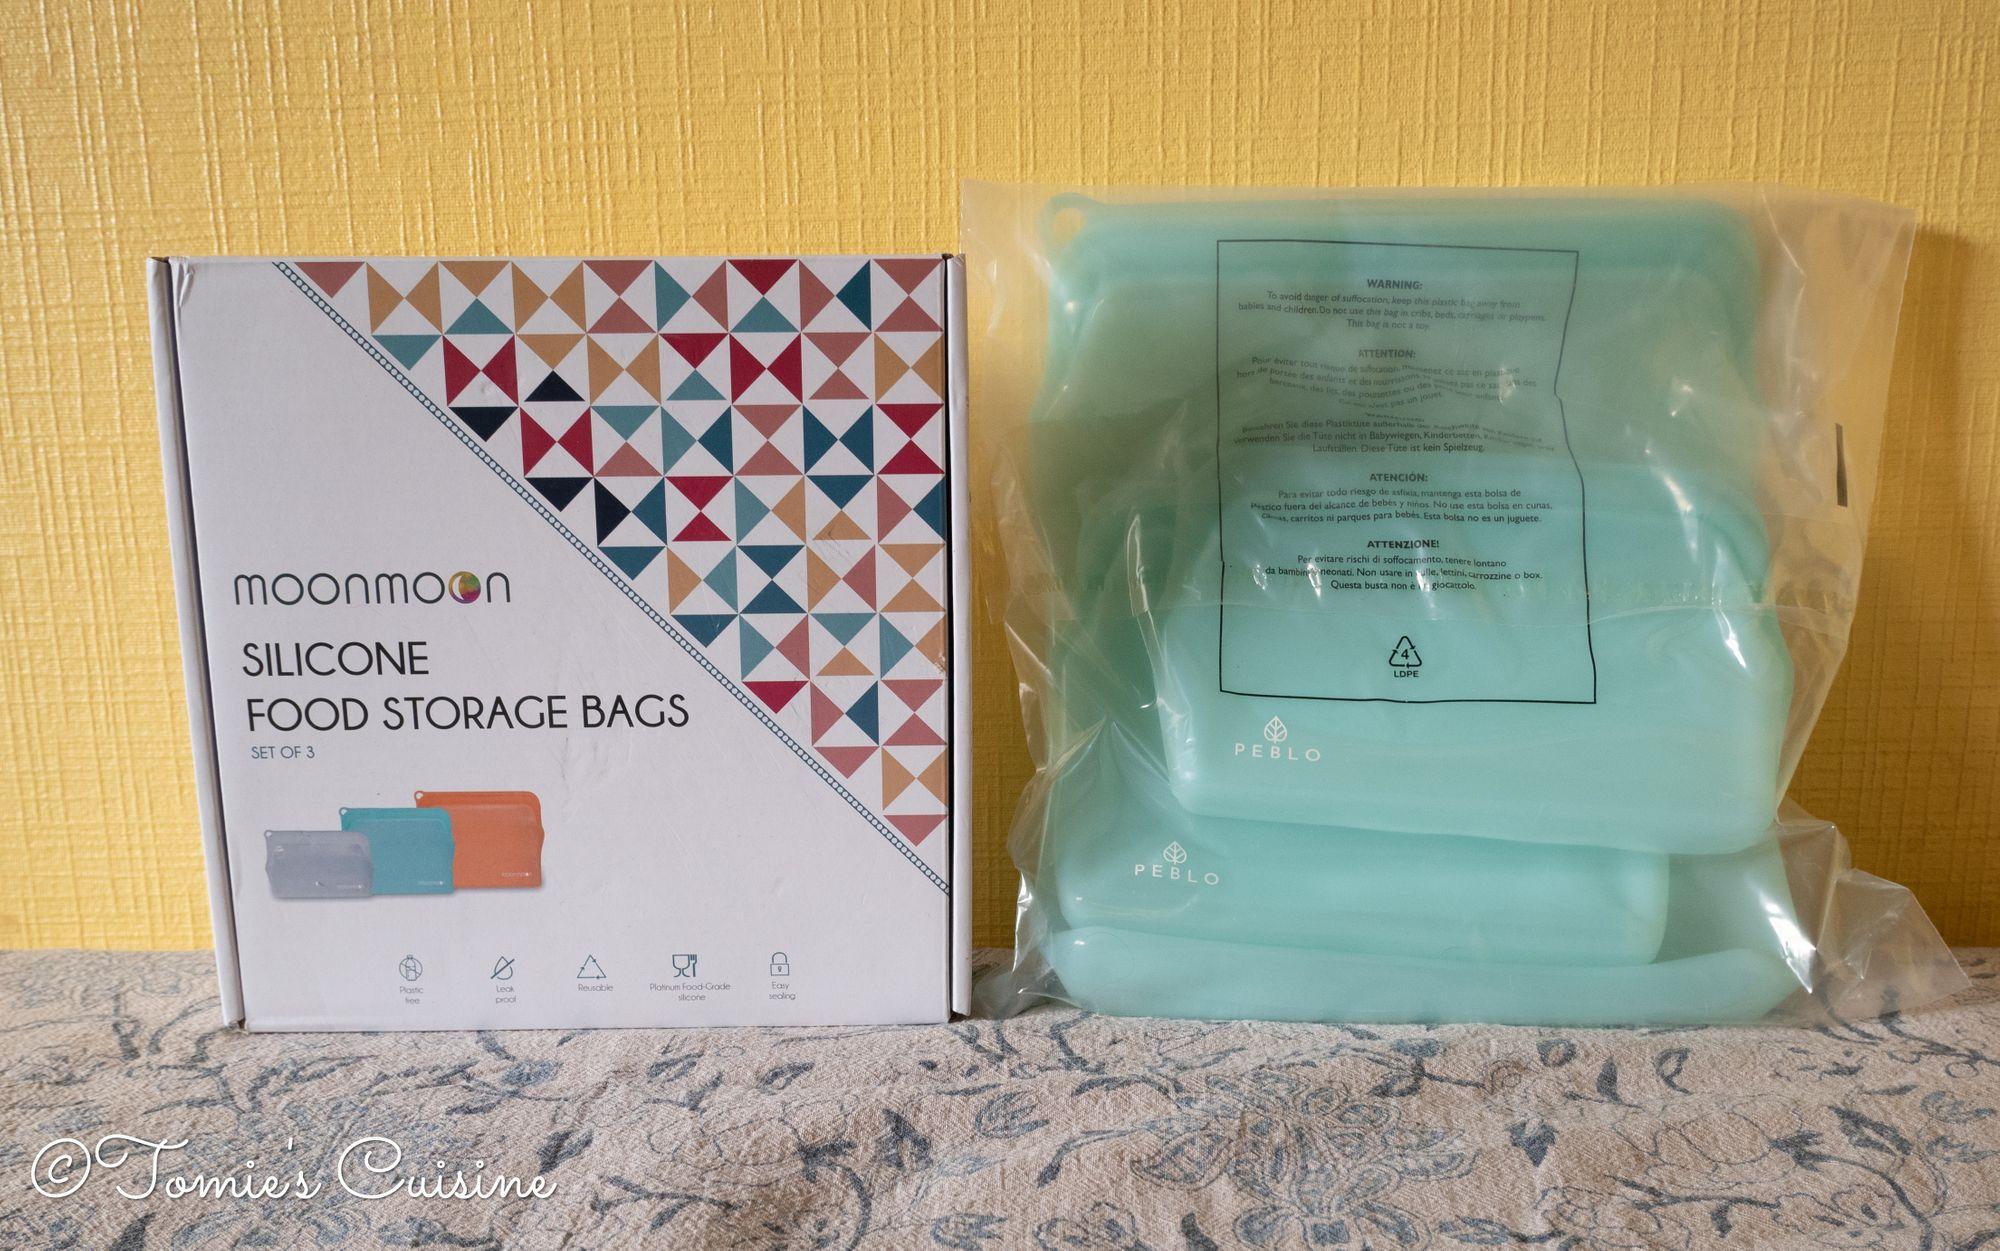 Moonmoon and Peblo packaging